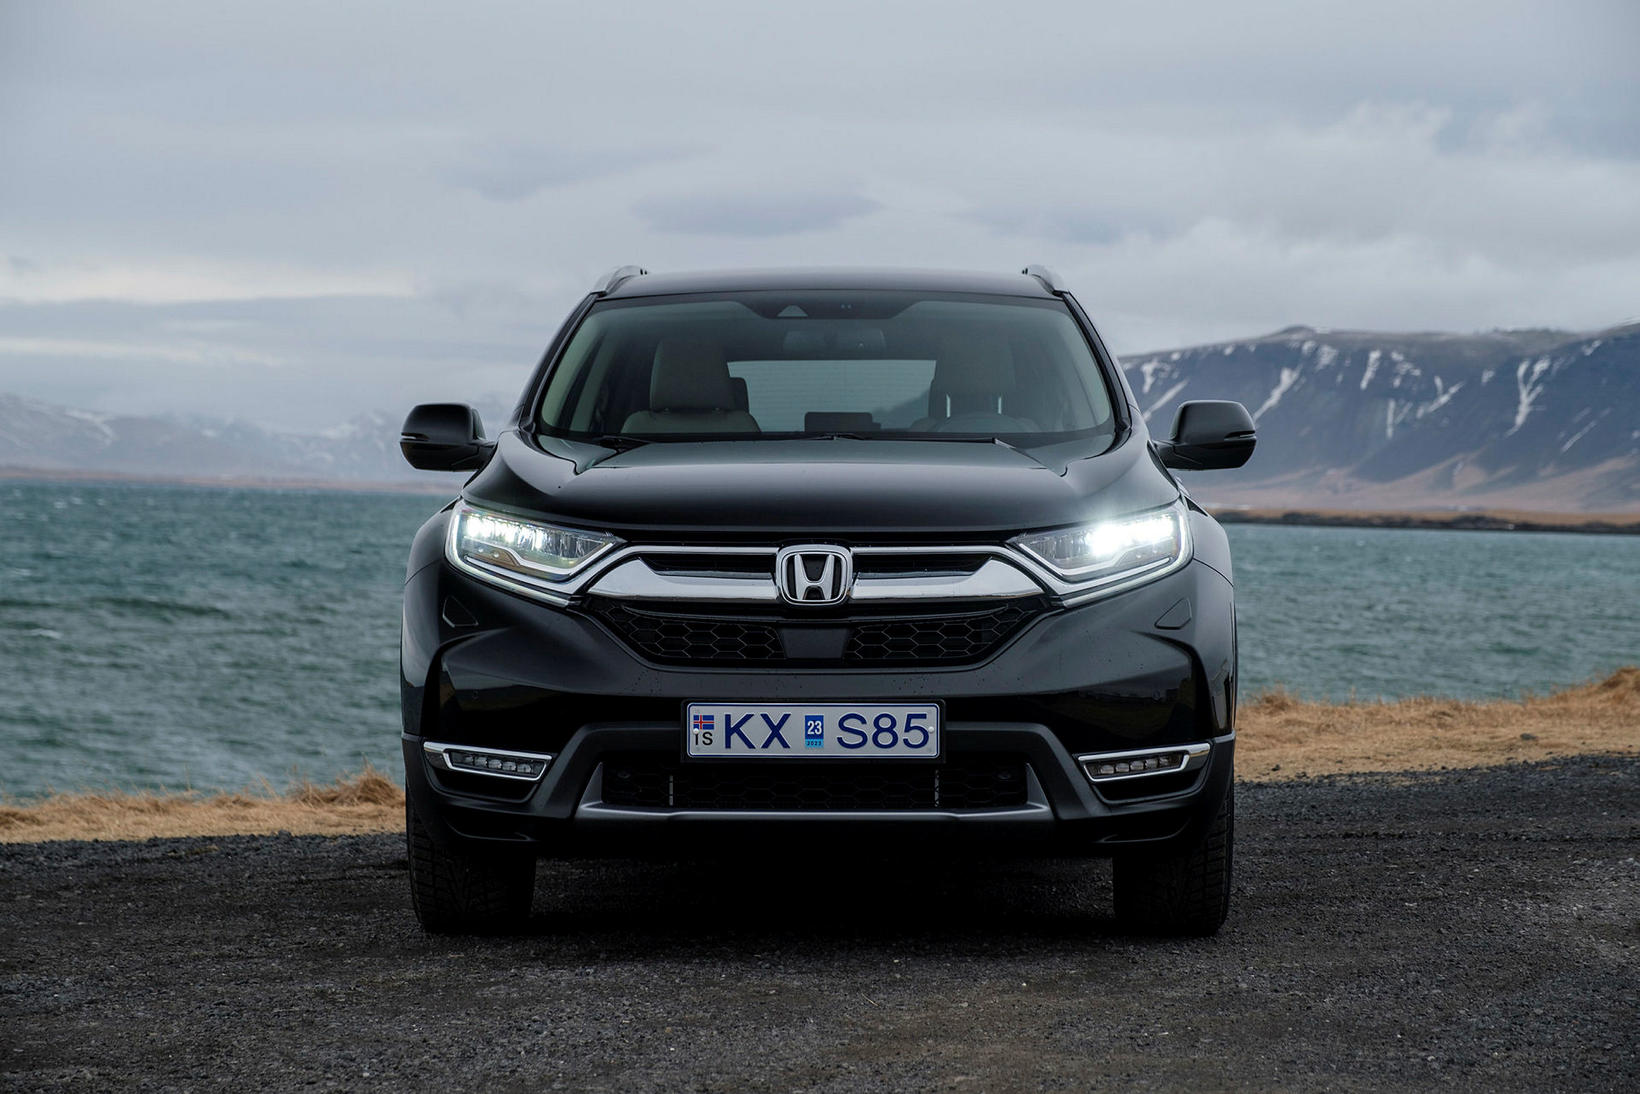 Honda CRV tvinnbíllinn.